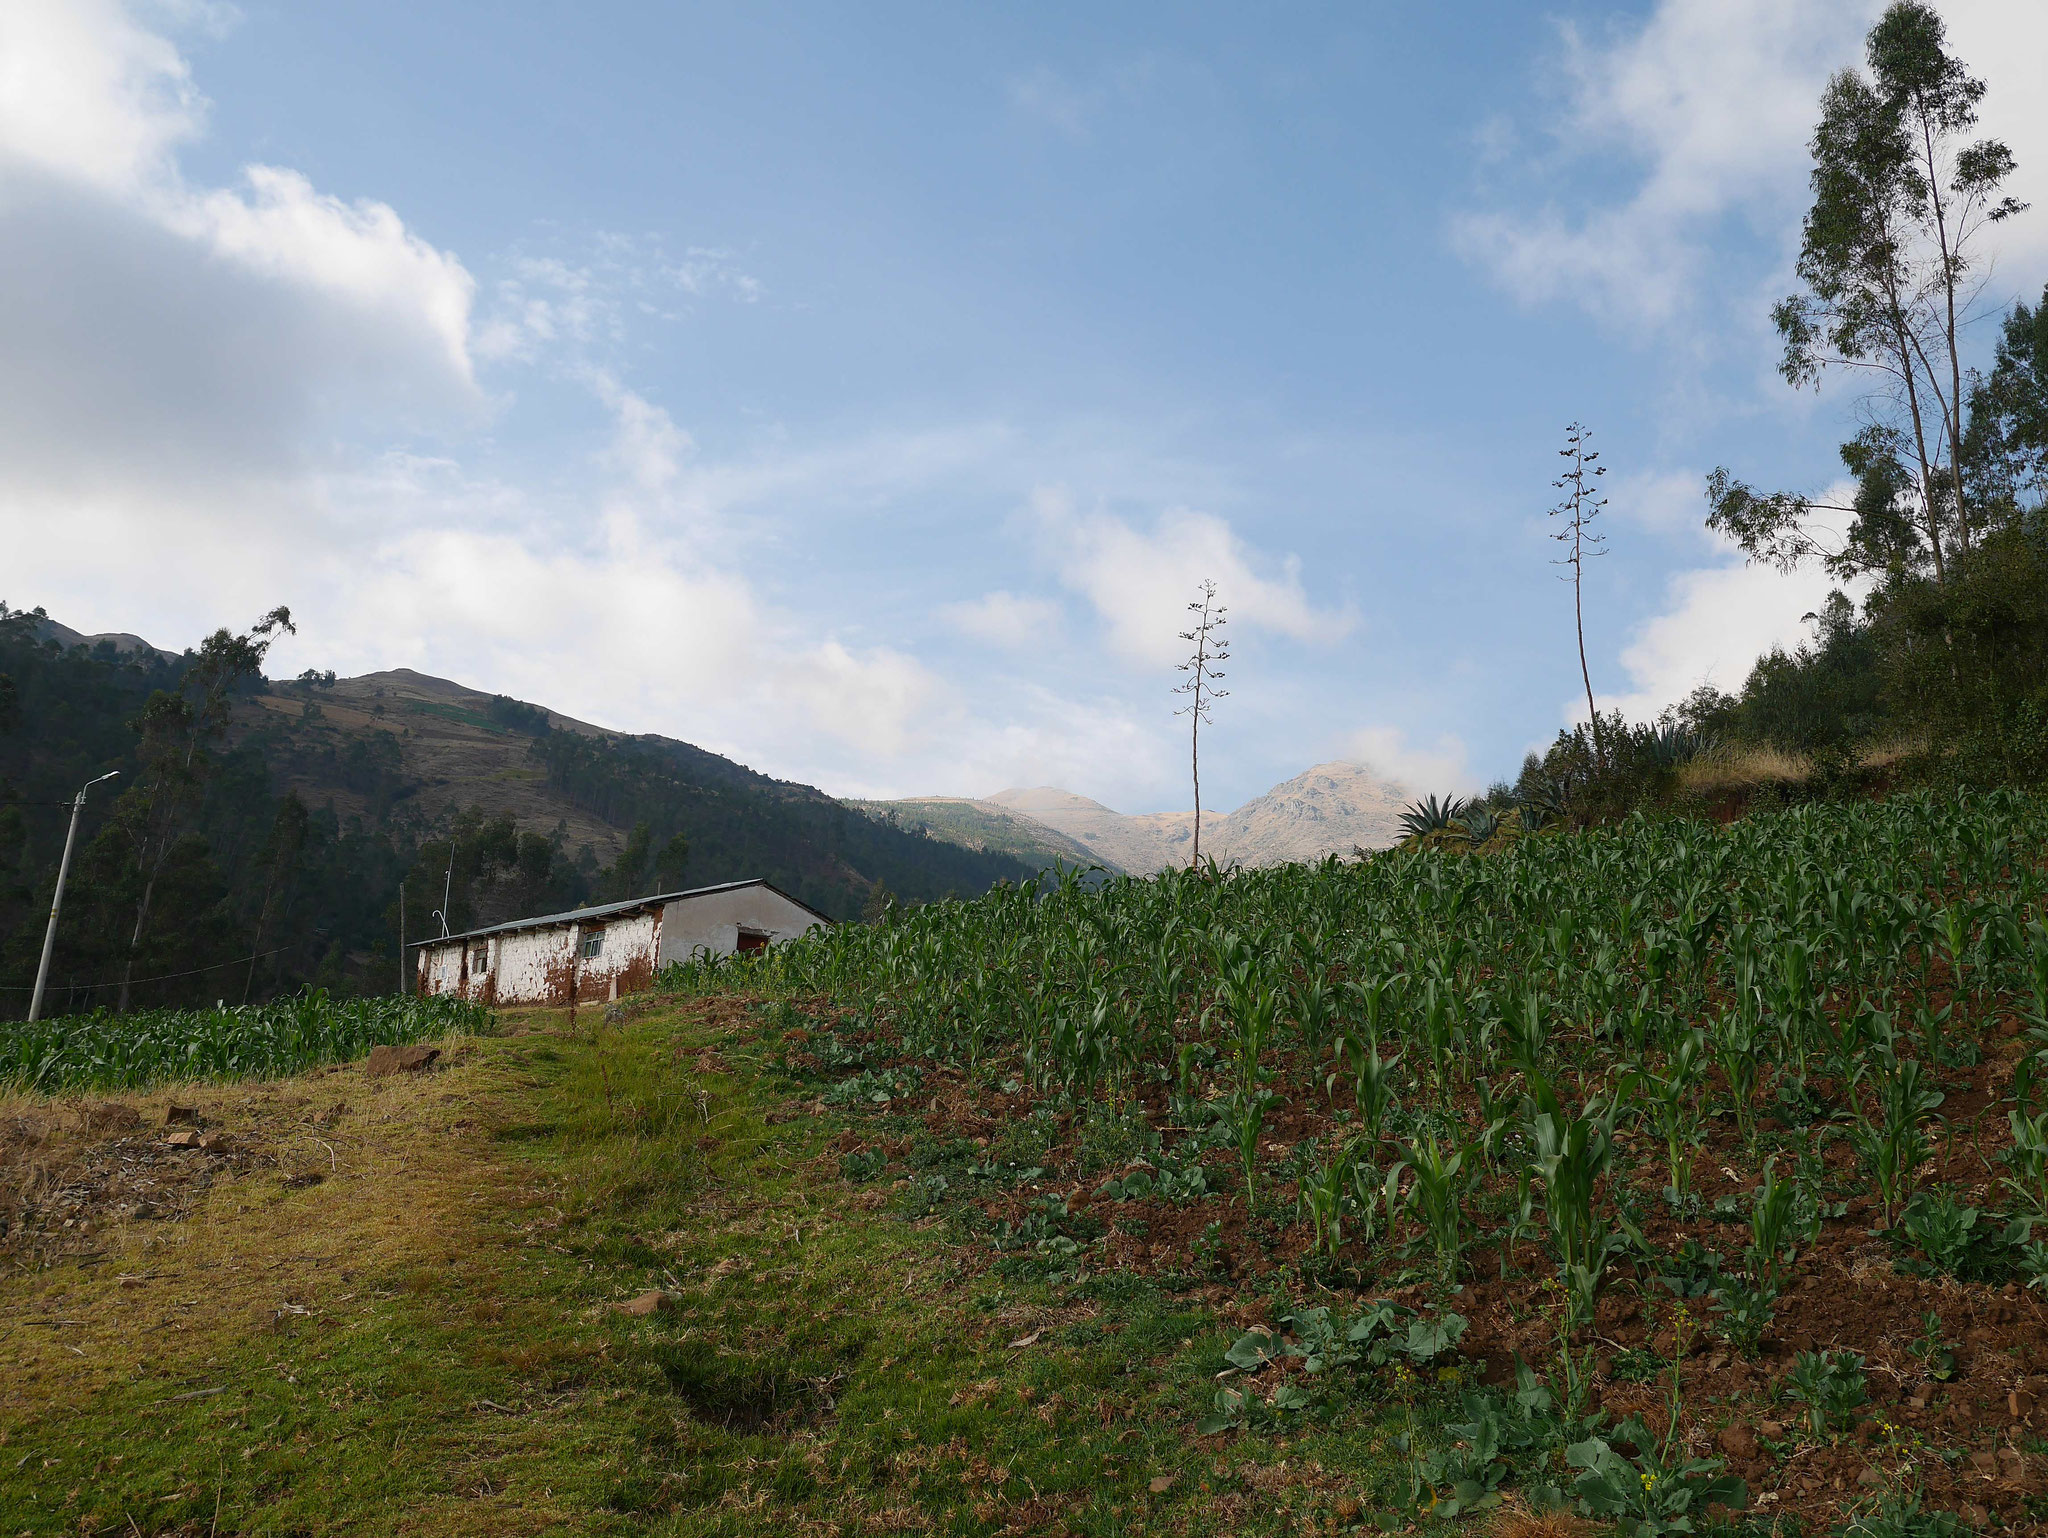 Ein Feld an unserem Weg. Die meisten Flächen in diesem Ort werden für den landwirtschaftlichen Anbau genutzt.